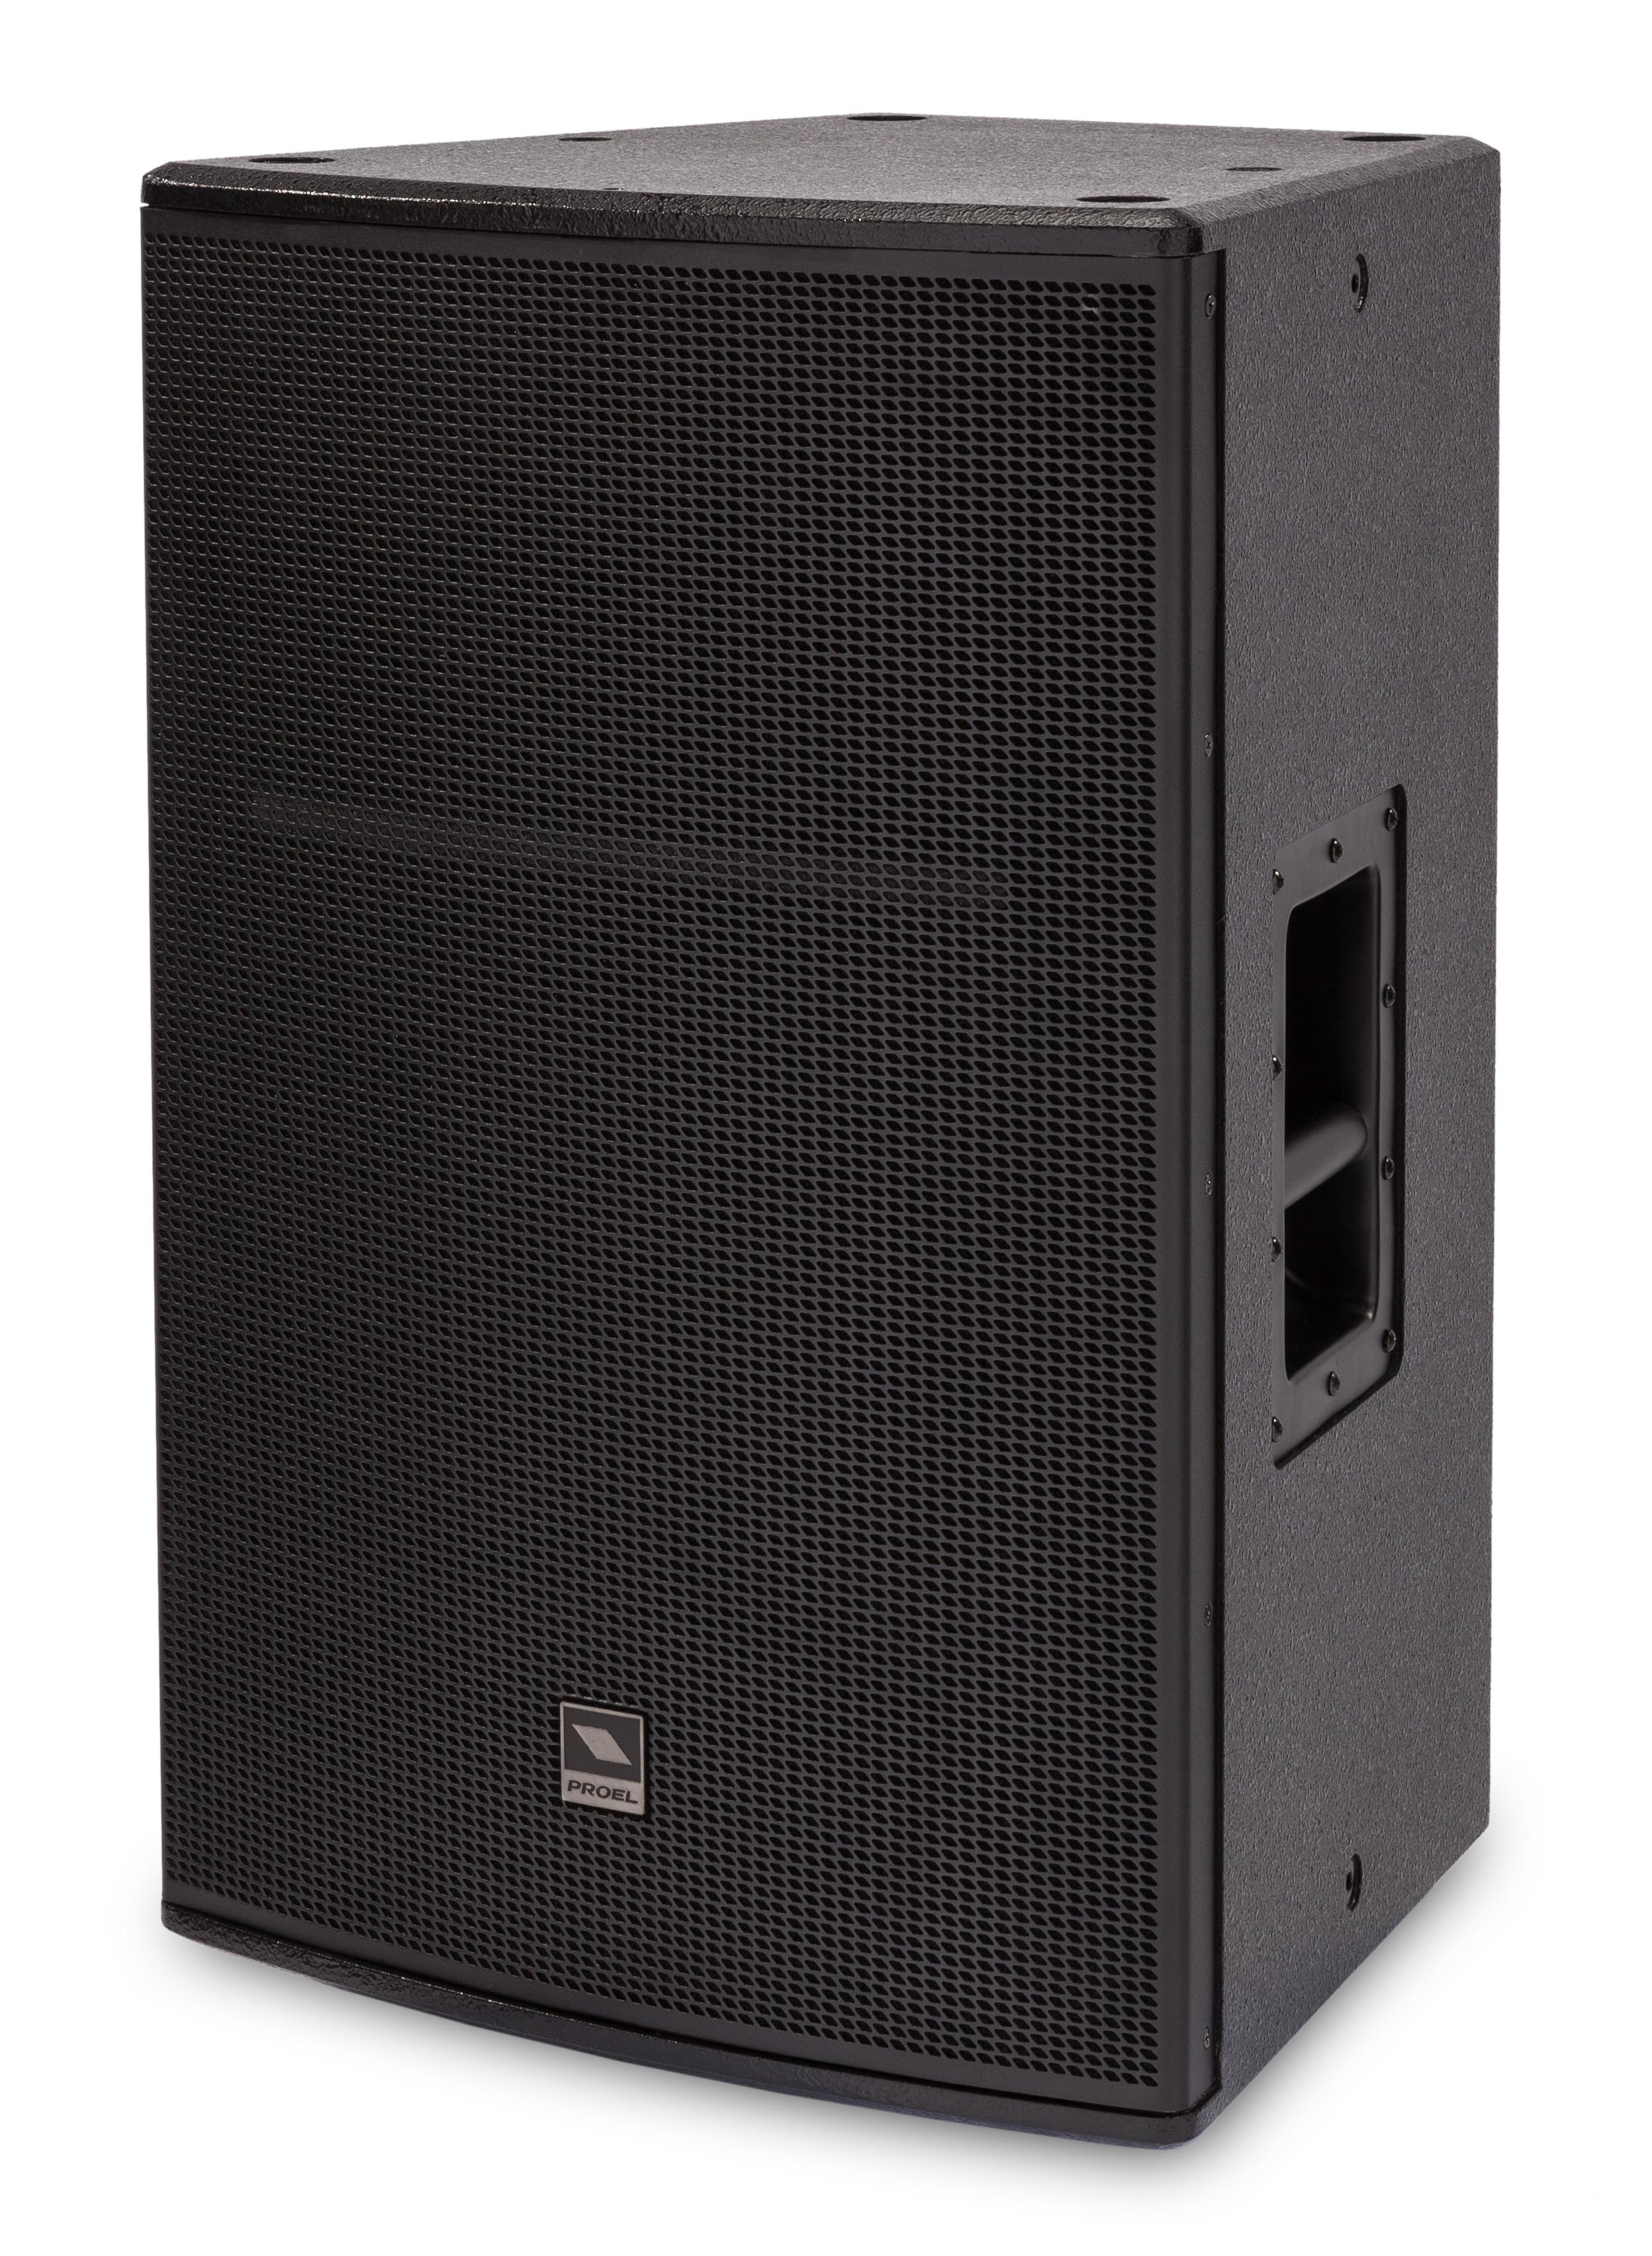 PROEL LT15A - Diffusore a 2 vie attivo - Dj Equipment Casse e Monitor - Diffusori Attivi